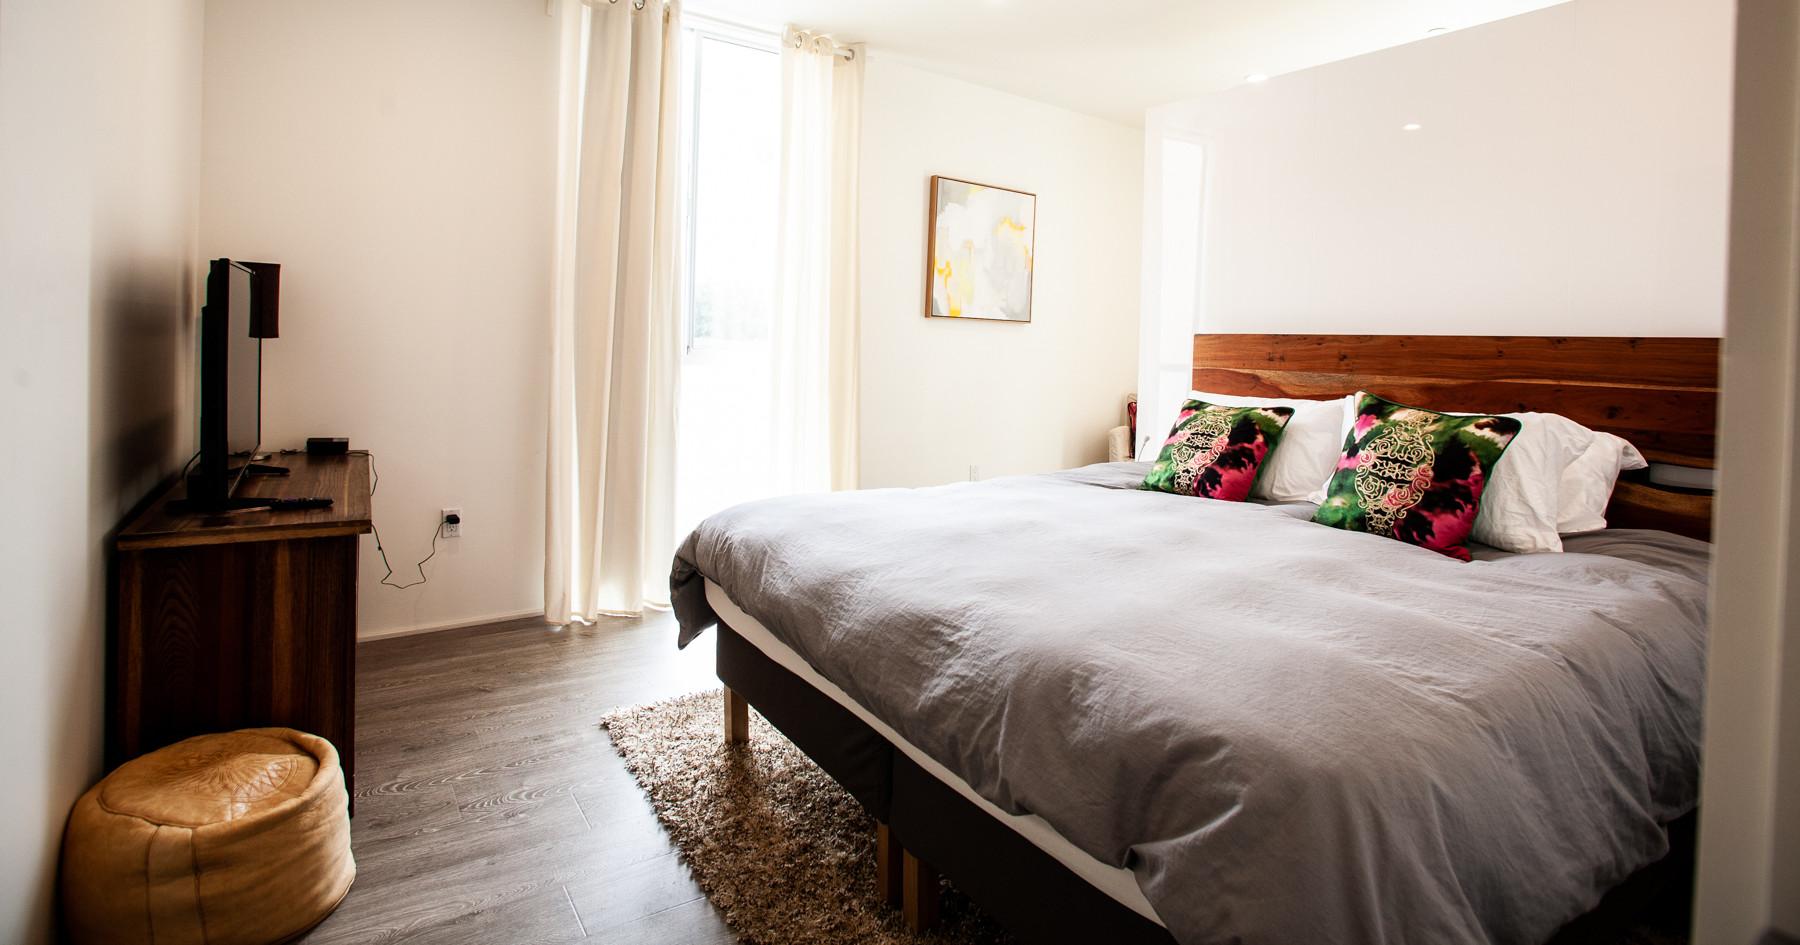 Bedroom 1 at Mariposa